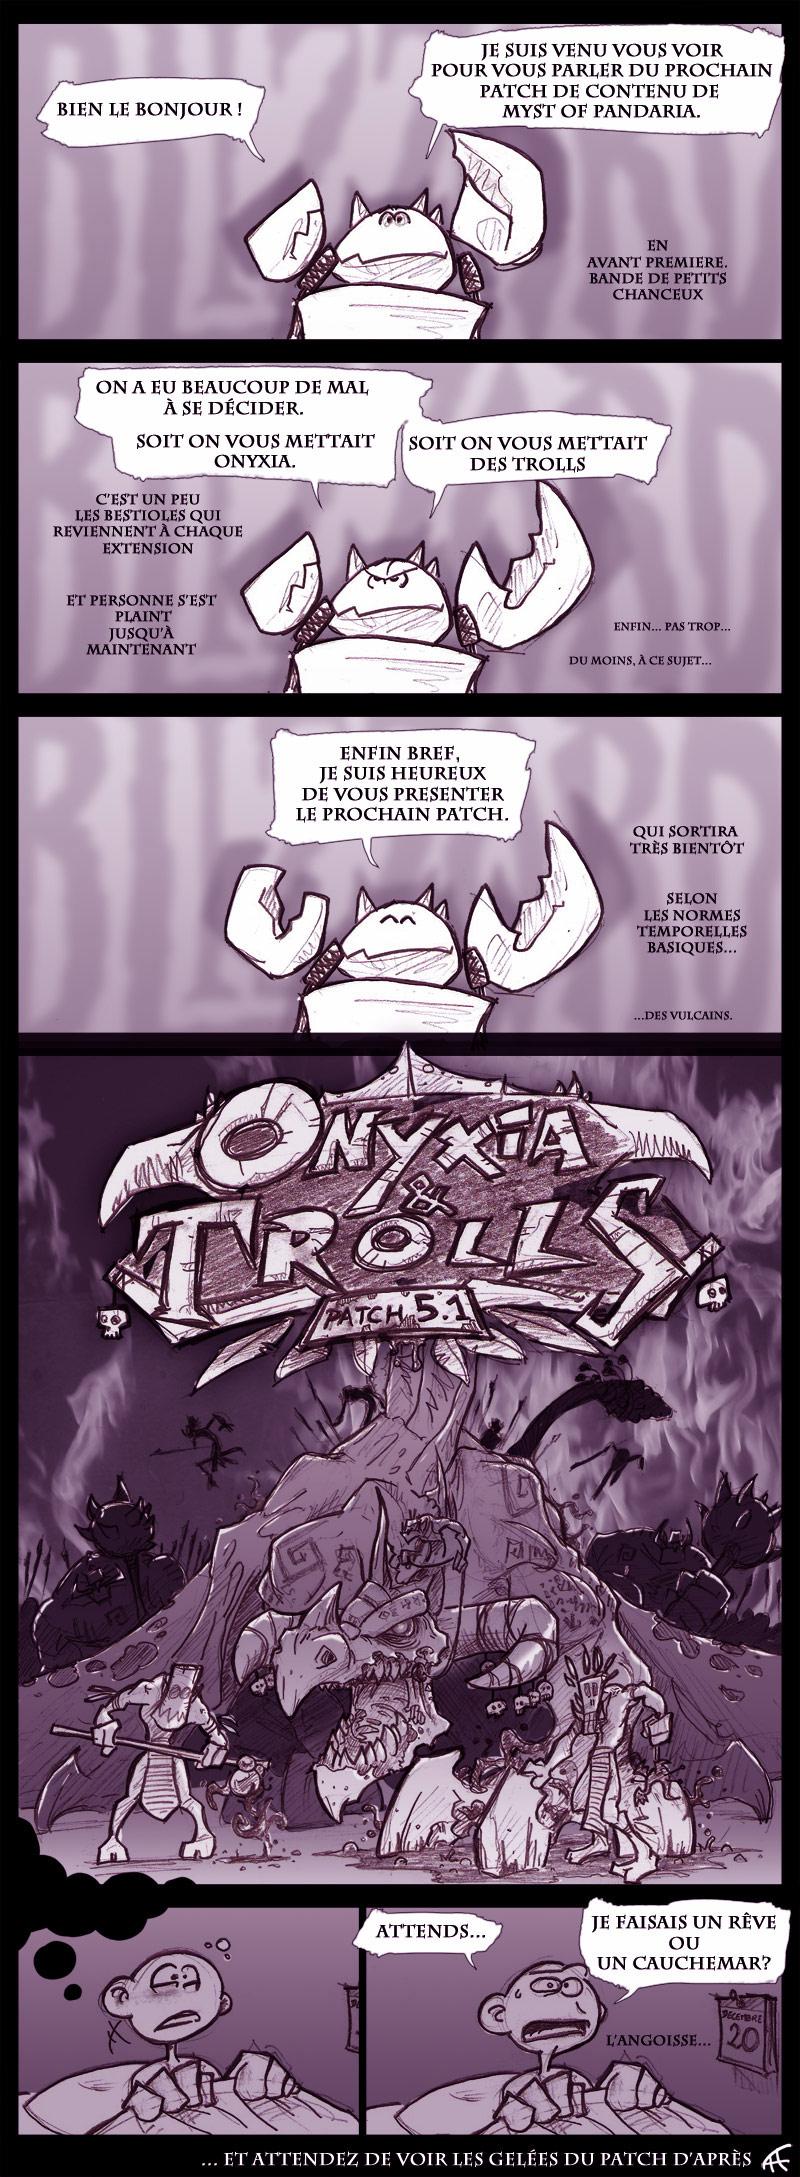 Bande dessinée réalisée par FranHoiss